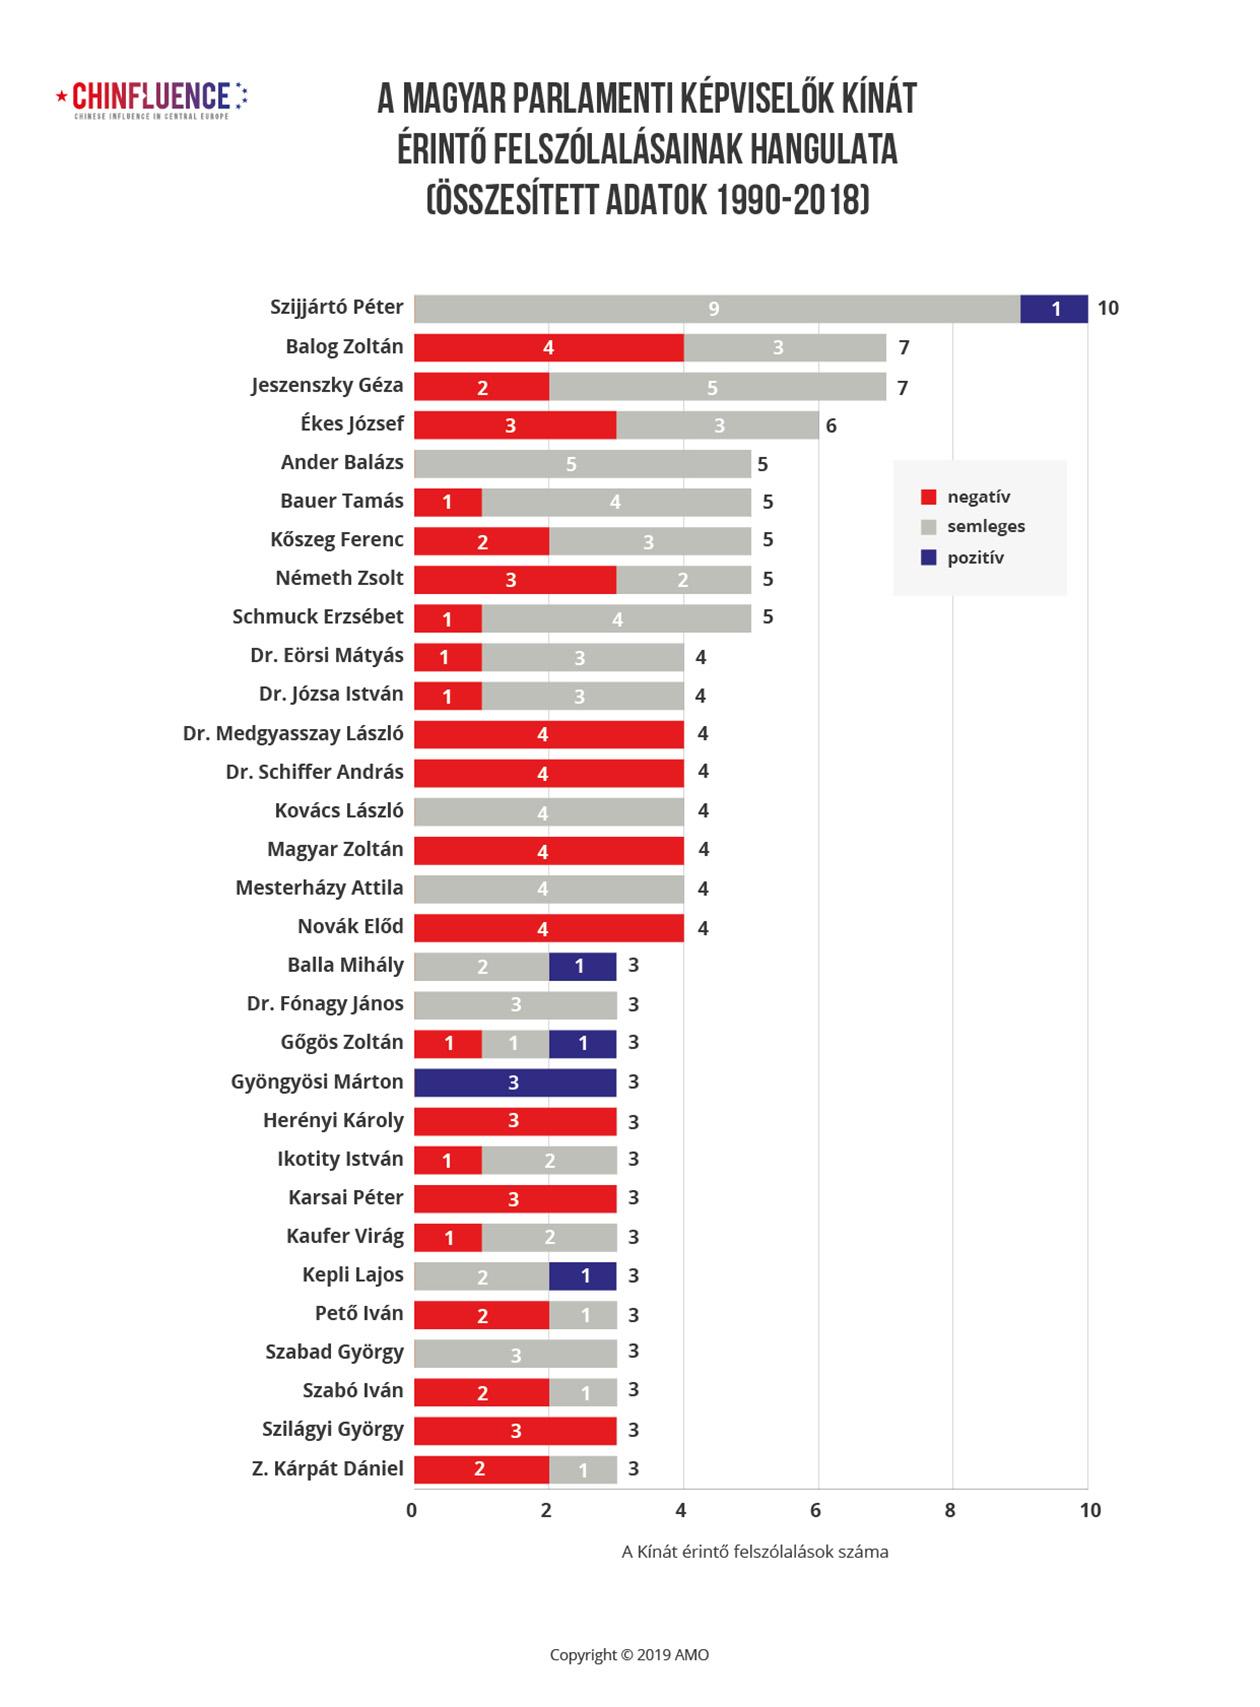 A-magyar-parlamenti-kepviselok-Kinat-erinto-felszolalasainak-hangulata